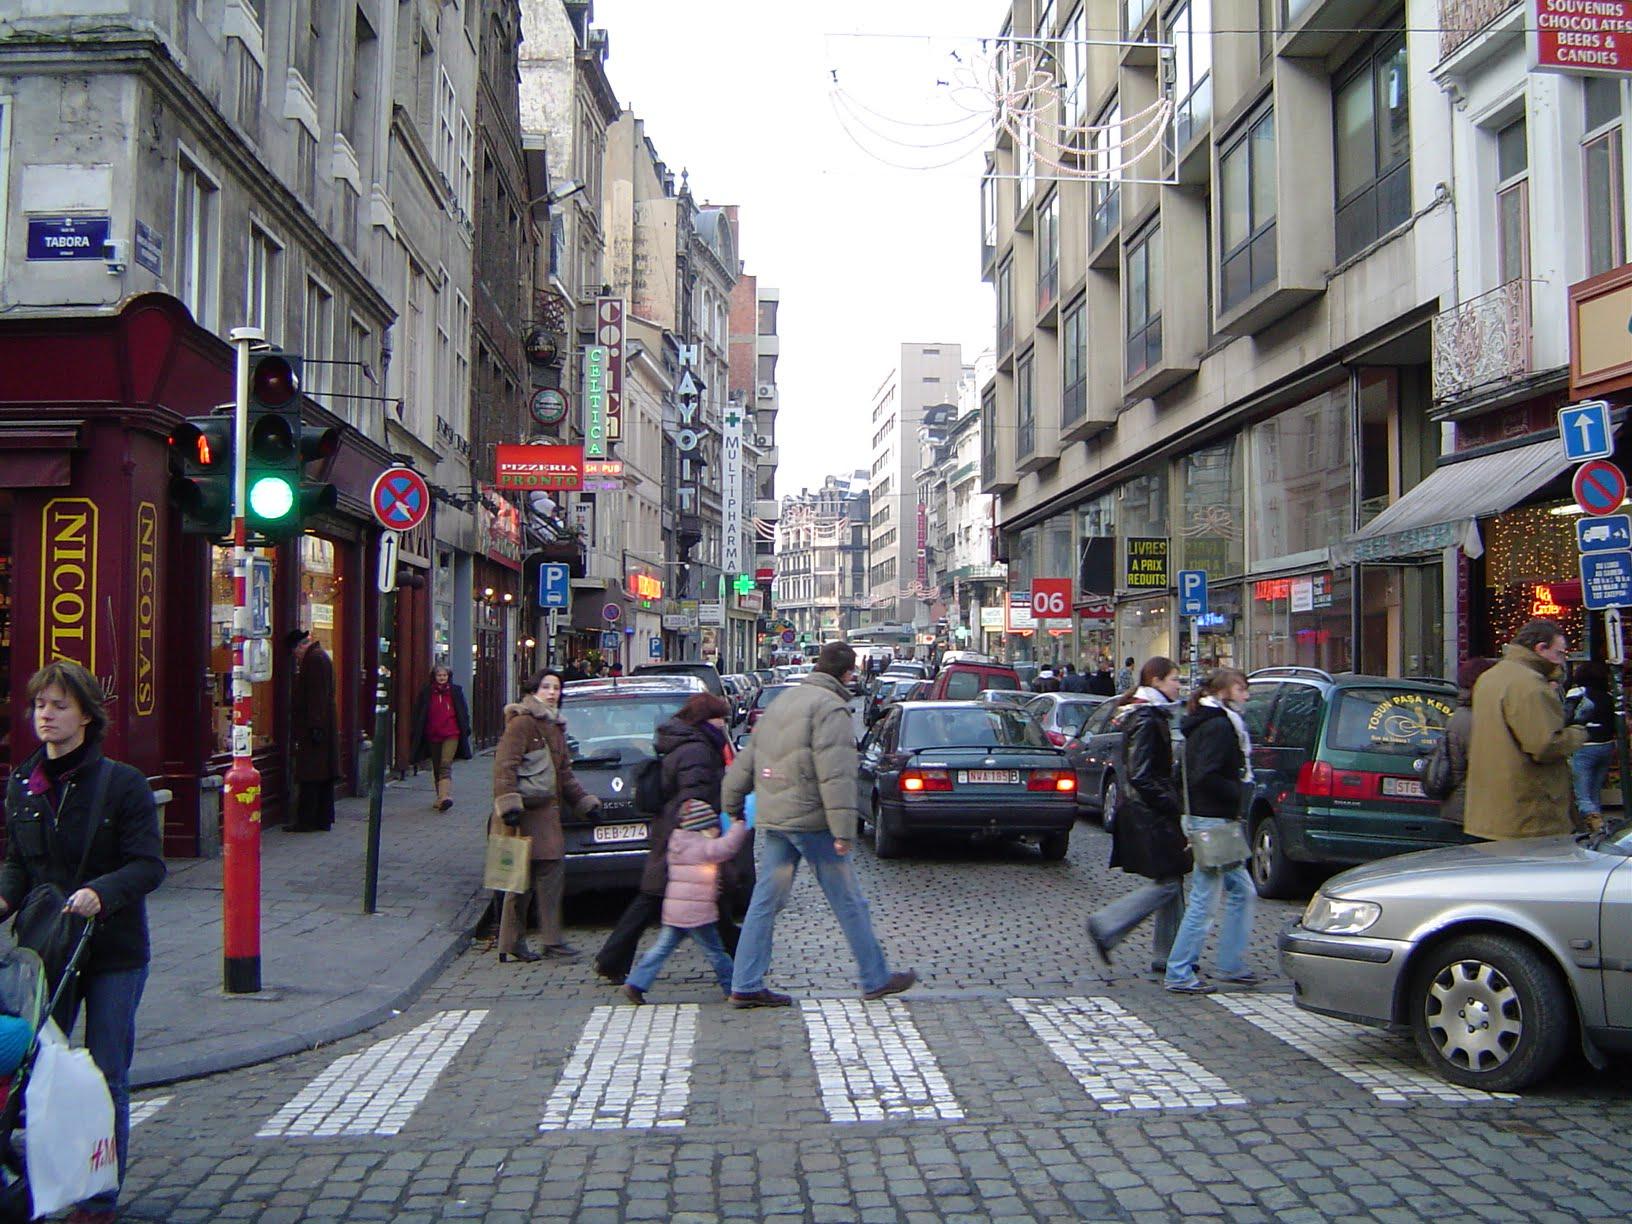 La calle es lo mejor para mi en cali - 1 part 8